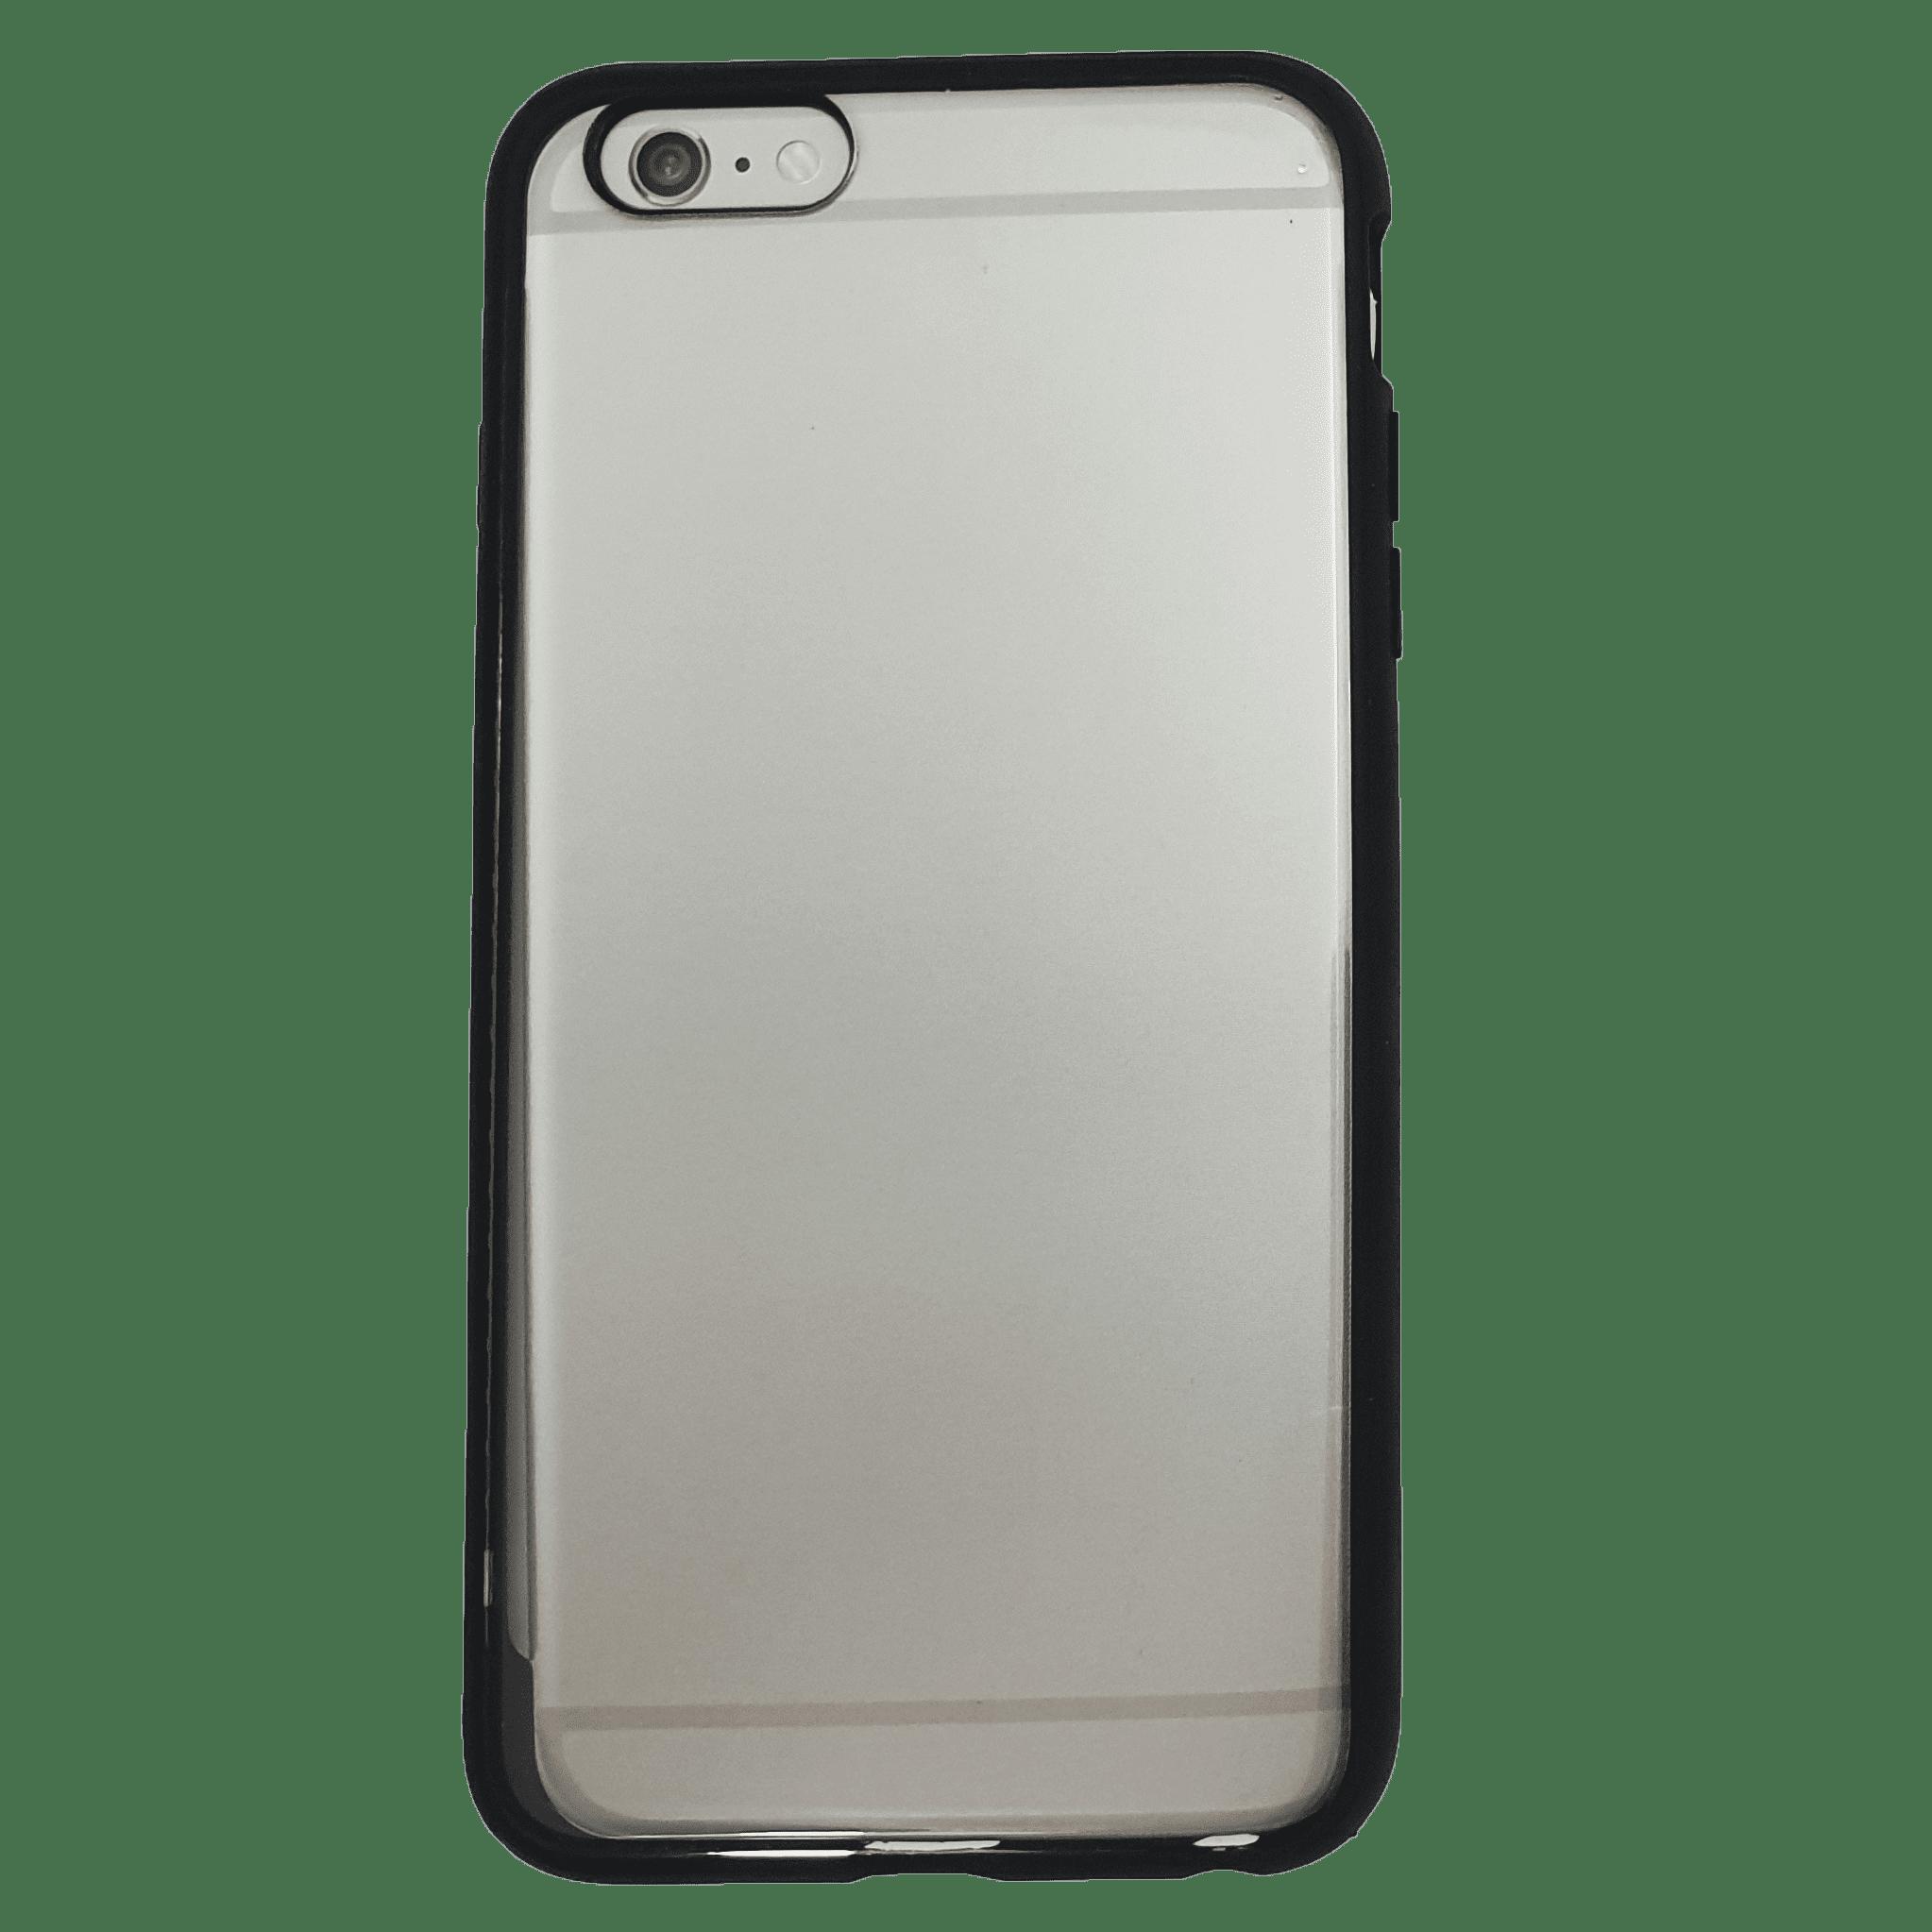 Mobilskal iPhone 6+ Genomskinligt Svart kant